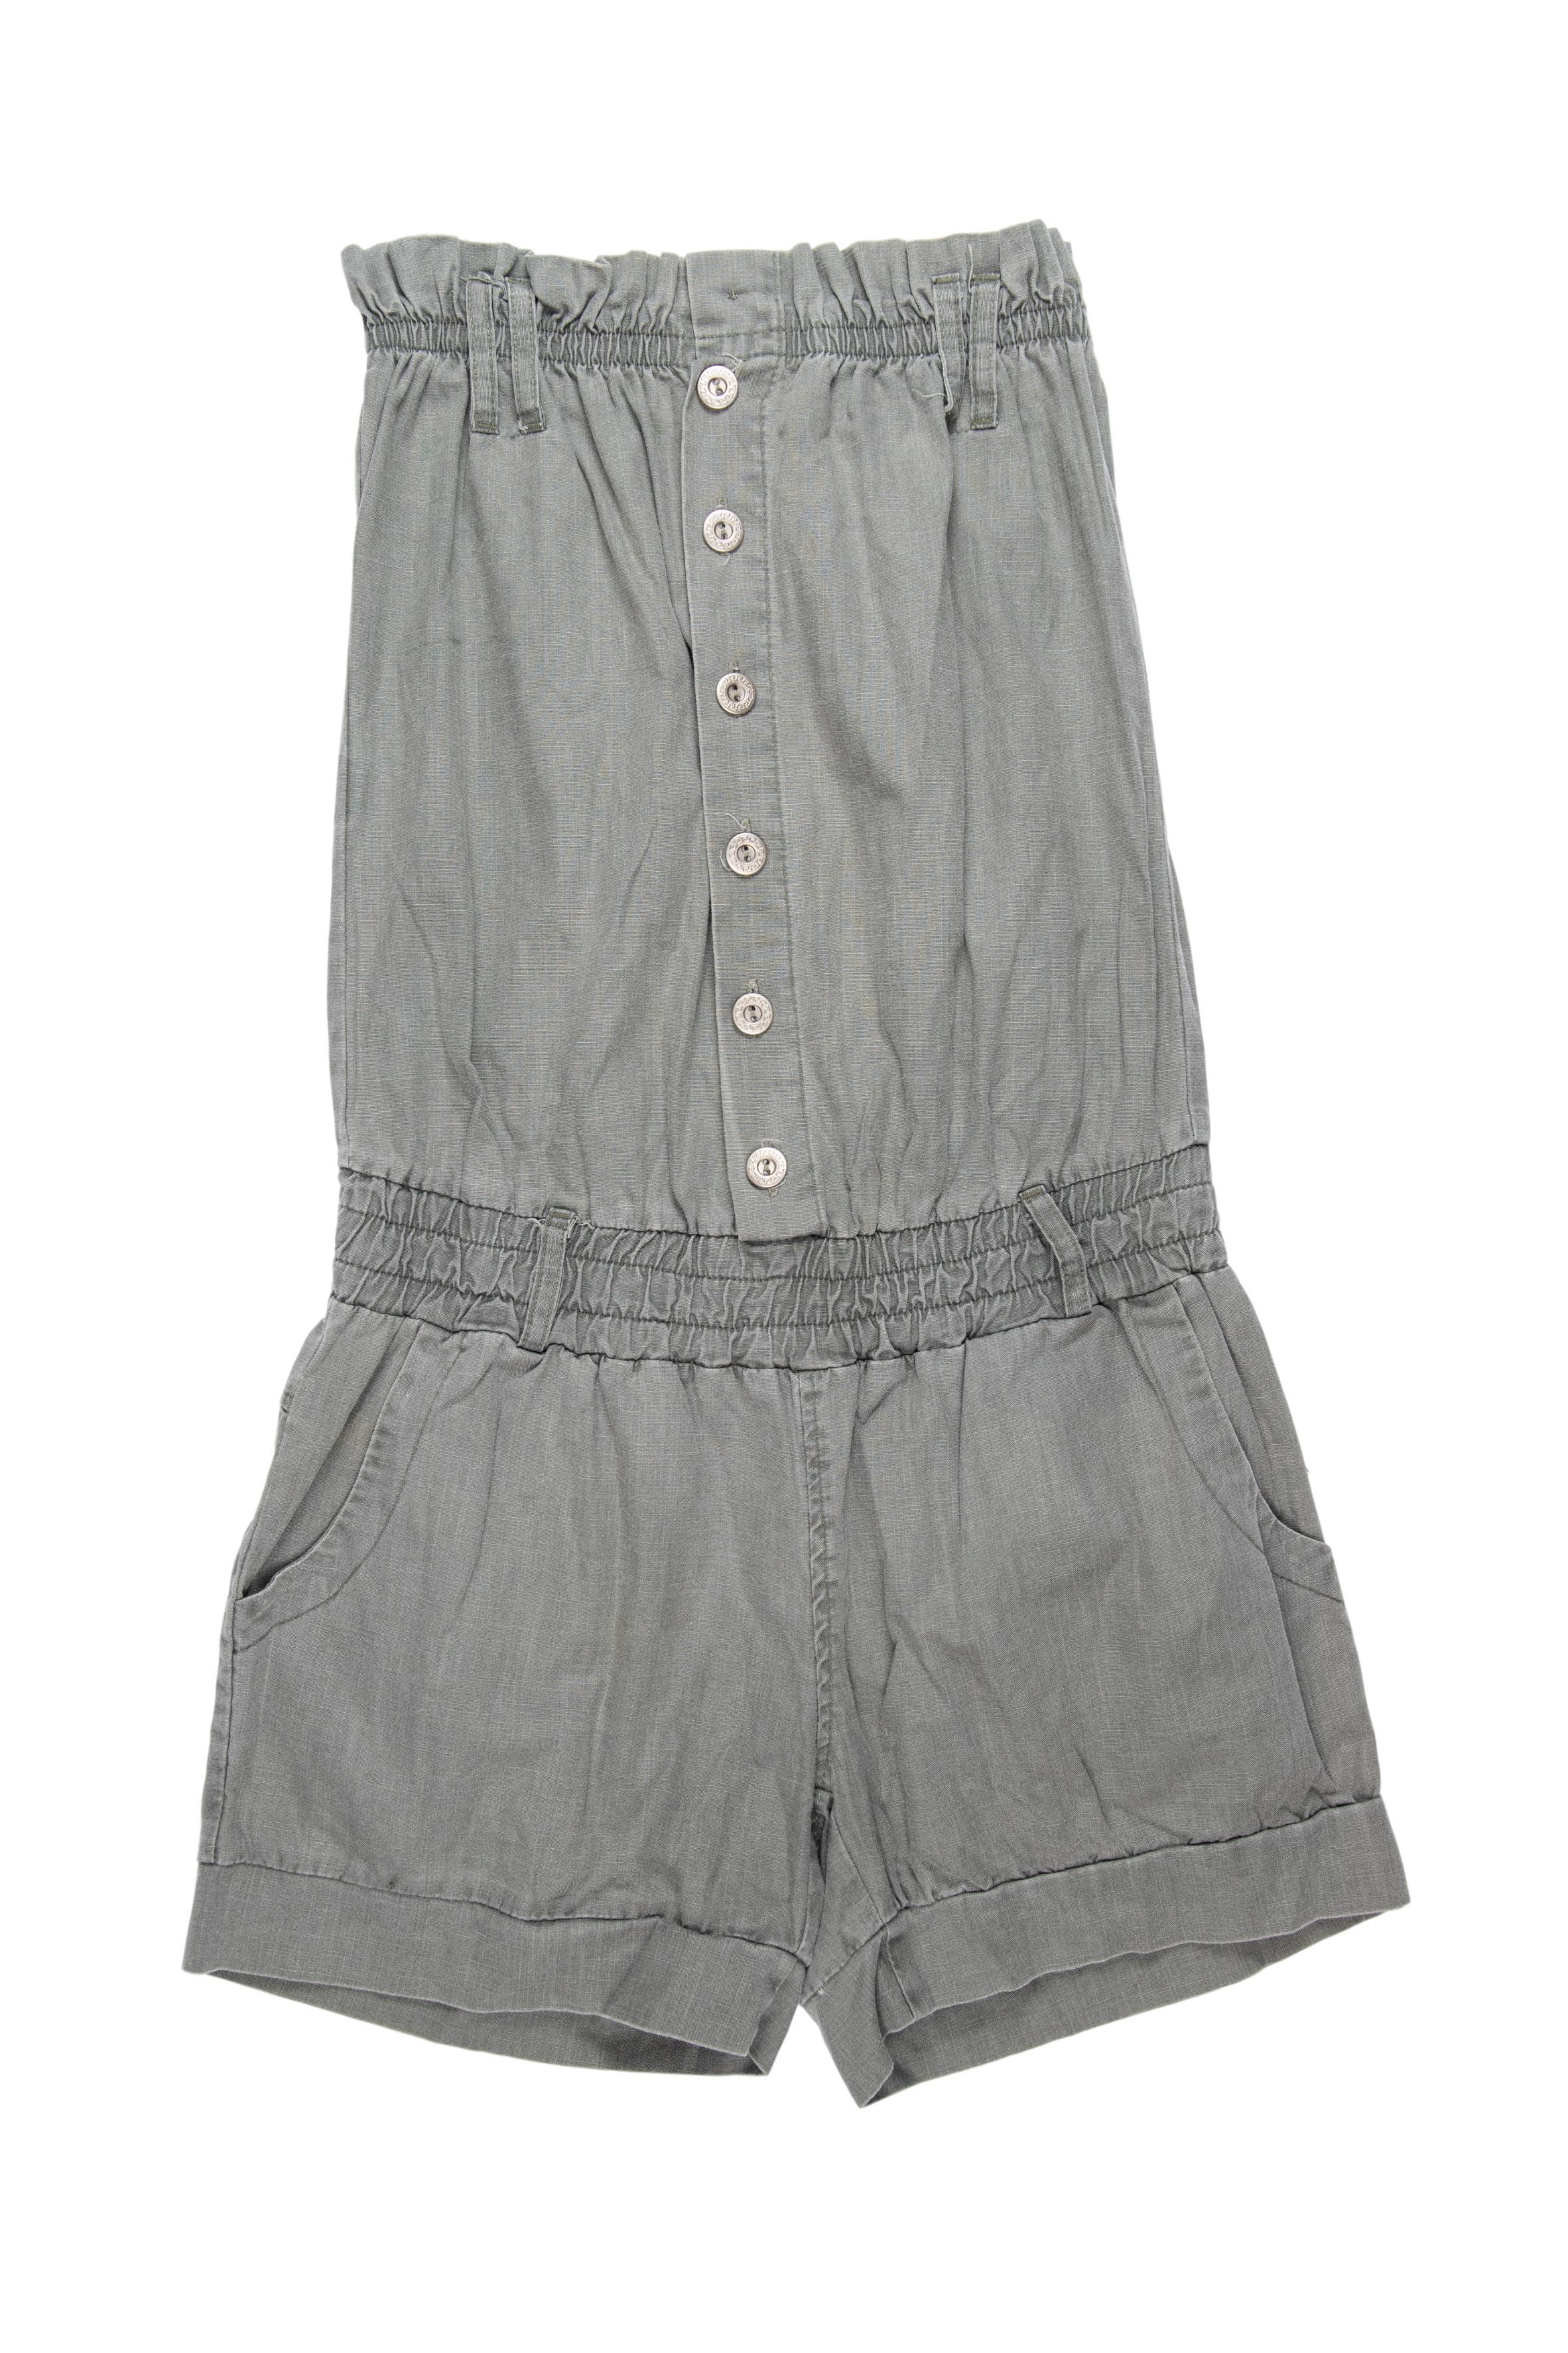 Enterizo short strapless con textura tipo lino con botones delanteros y bolsillos en el short